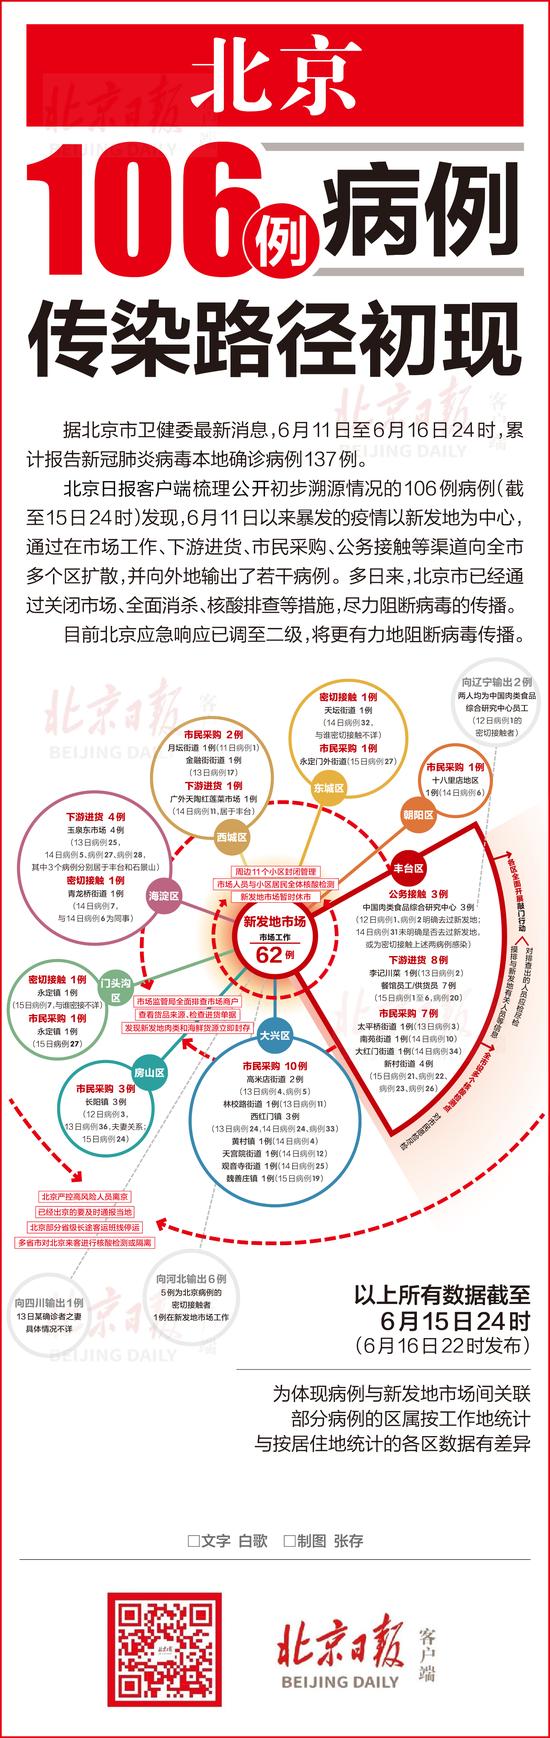 一图读懂:北京106例病例传染路径初现图片